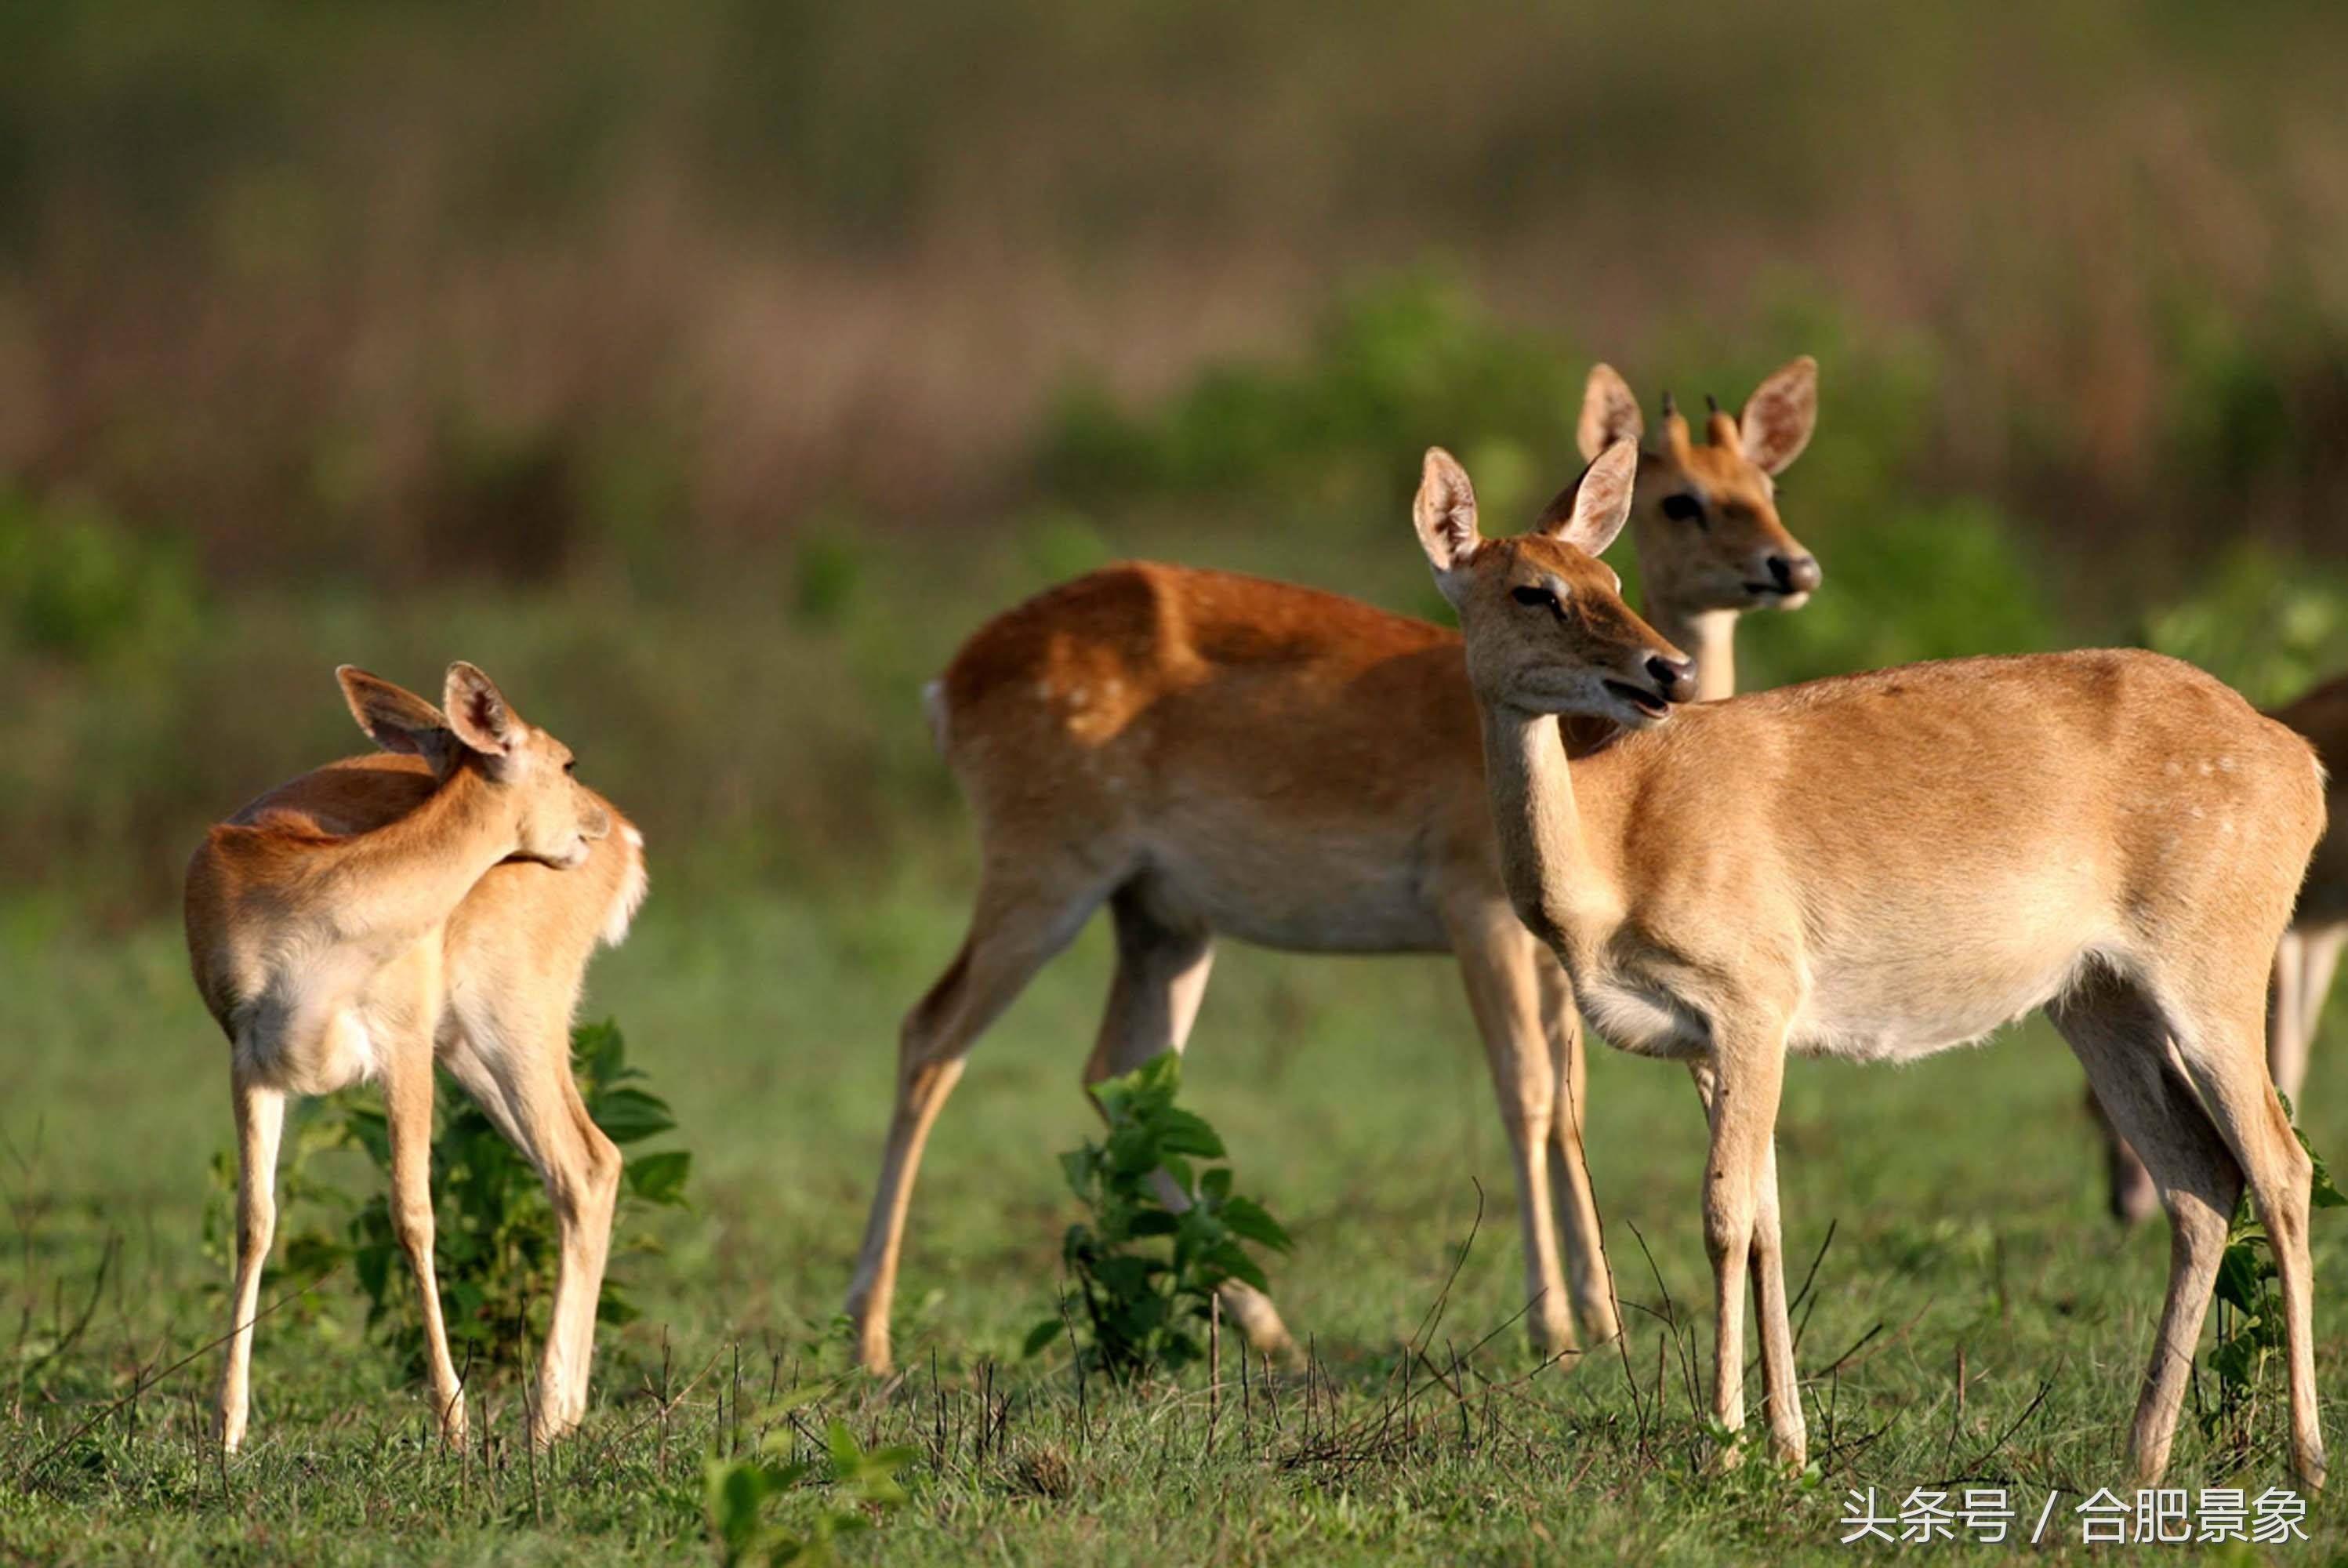 盘点世界十大最珍稀野生动物,知晓地球上濒临灭绝的十种动物!